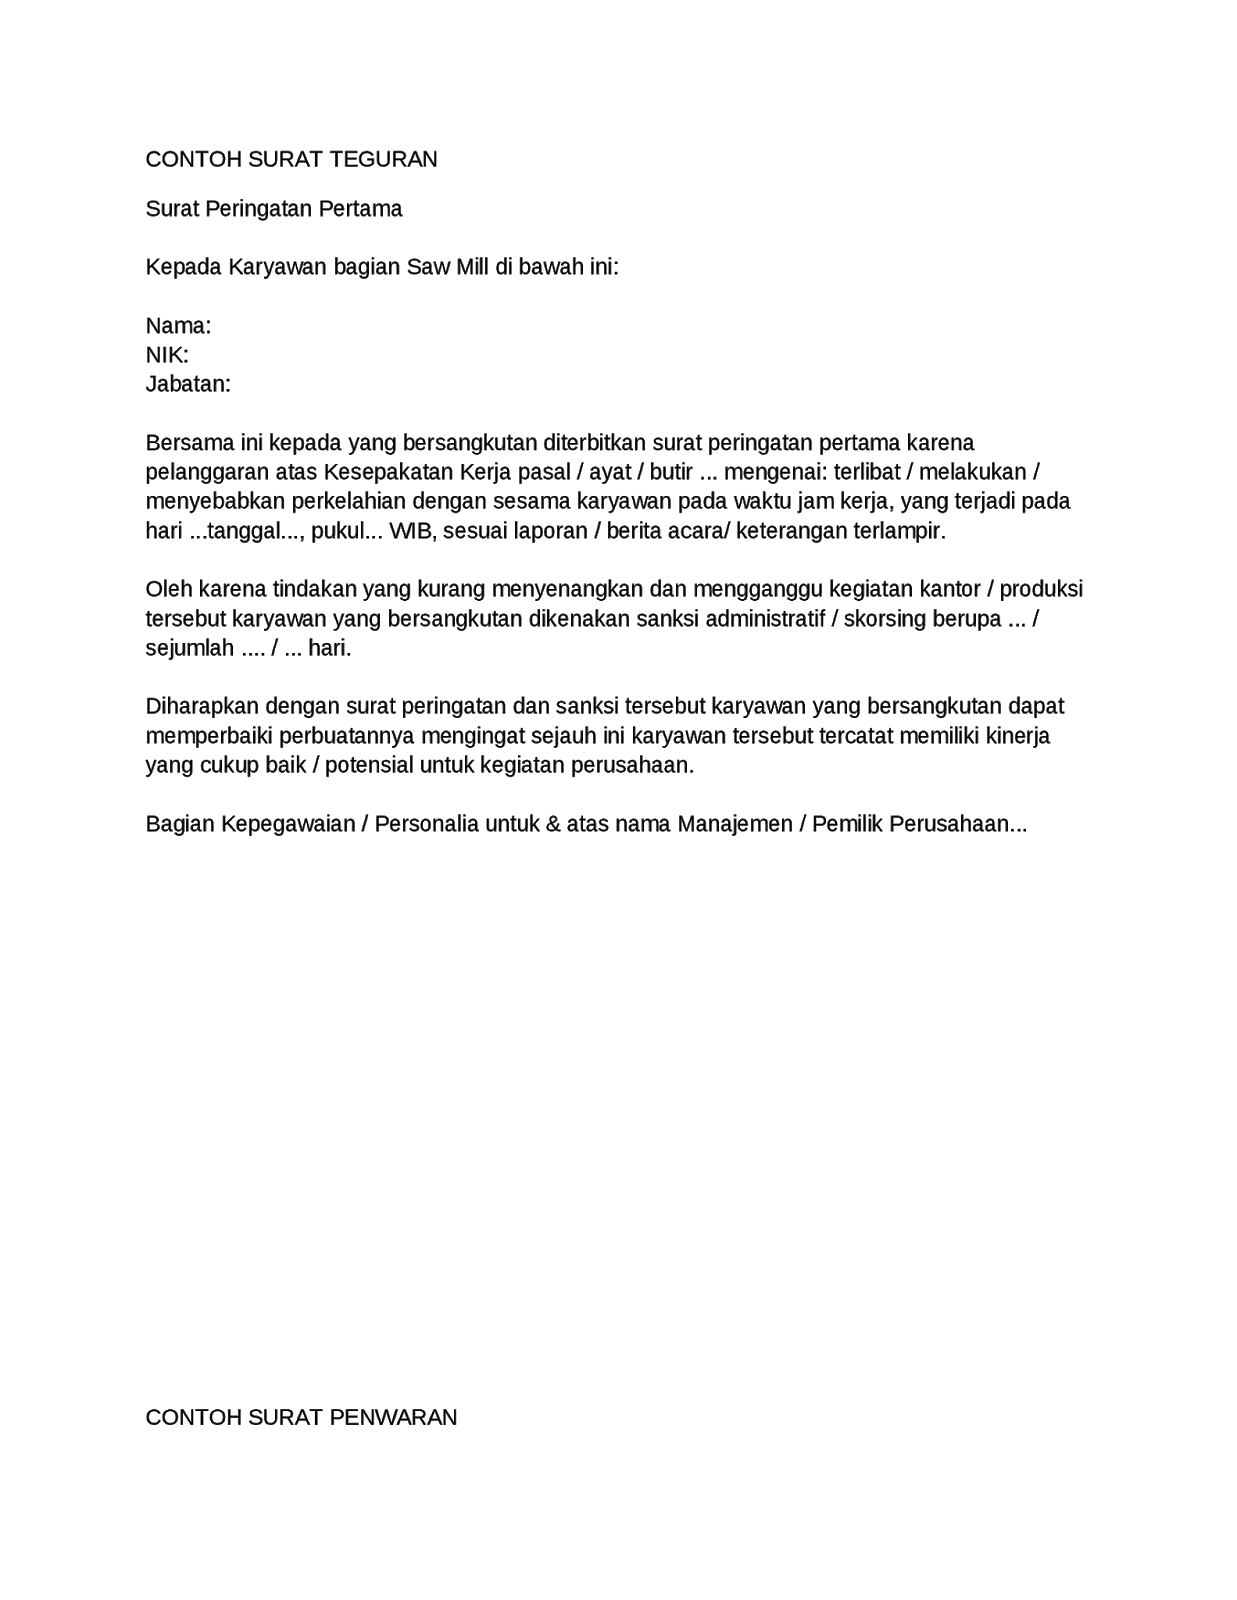 Contoh Surat Teguran Informasi Seputar Dunia Militer Dan